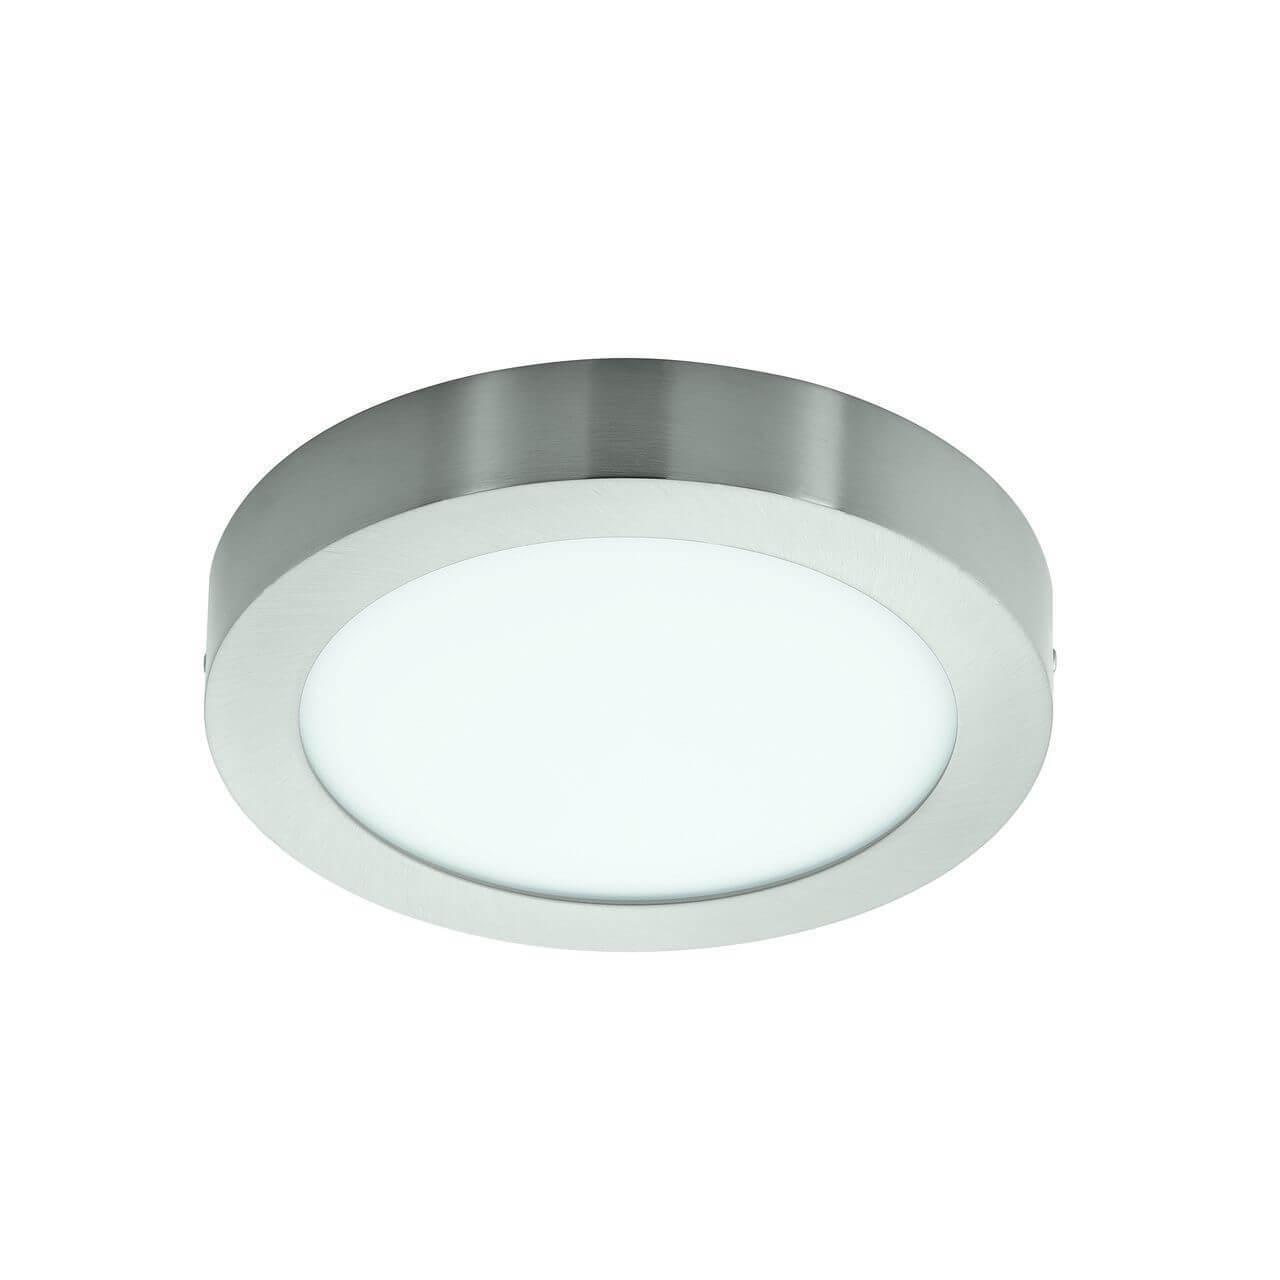 Настенно-потолочный светильник Eglo 94527, белый настенно потолочный светильник eglo 83155 белый